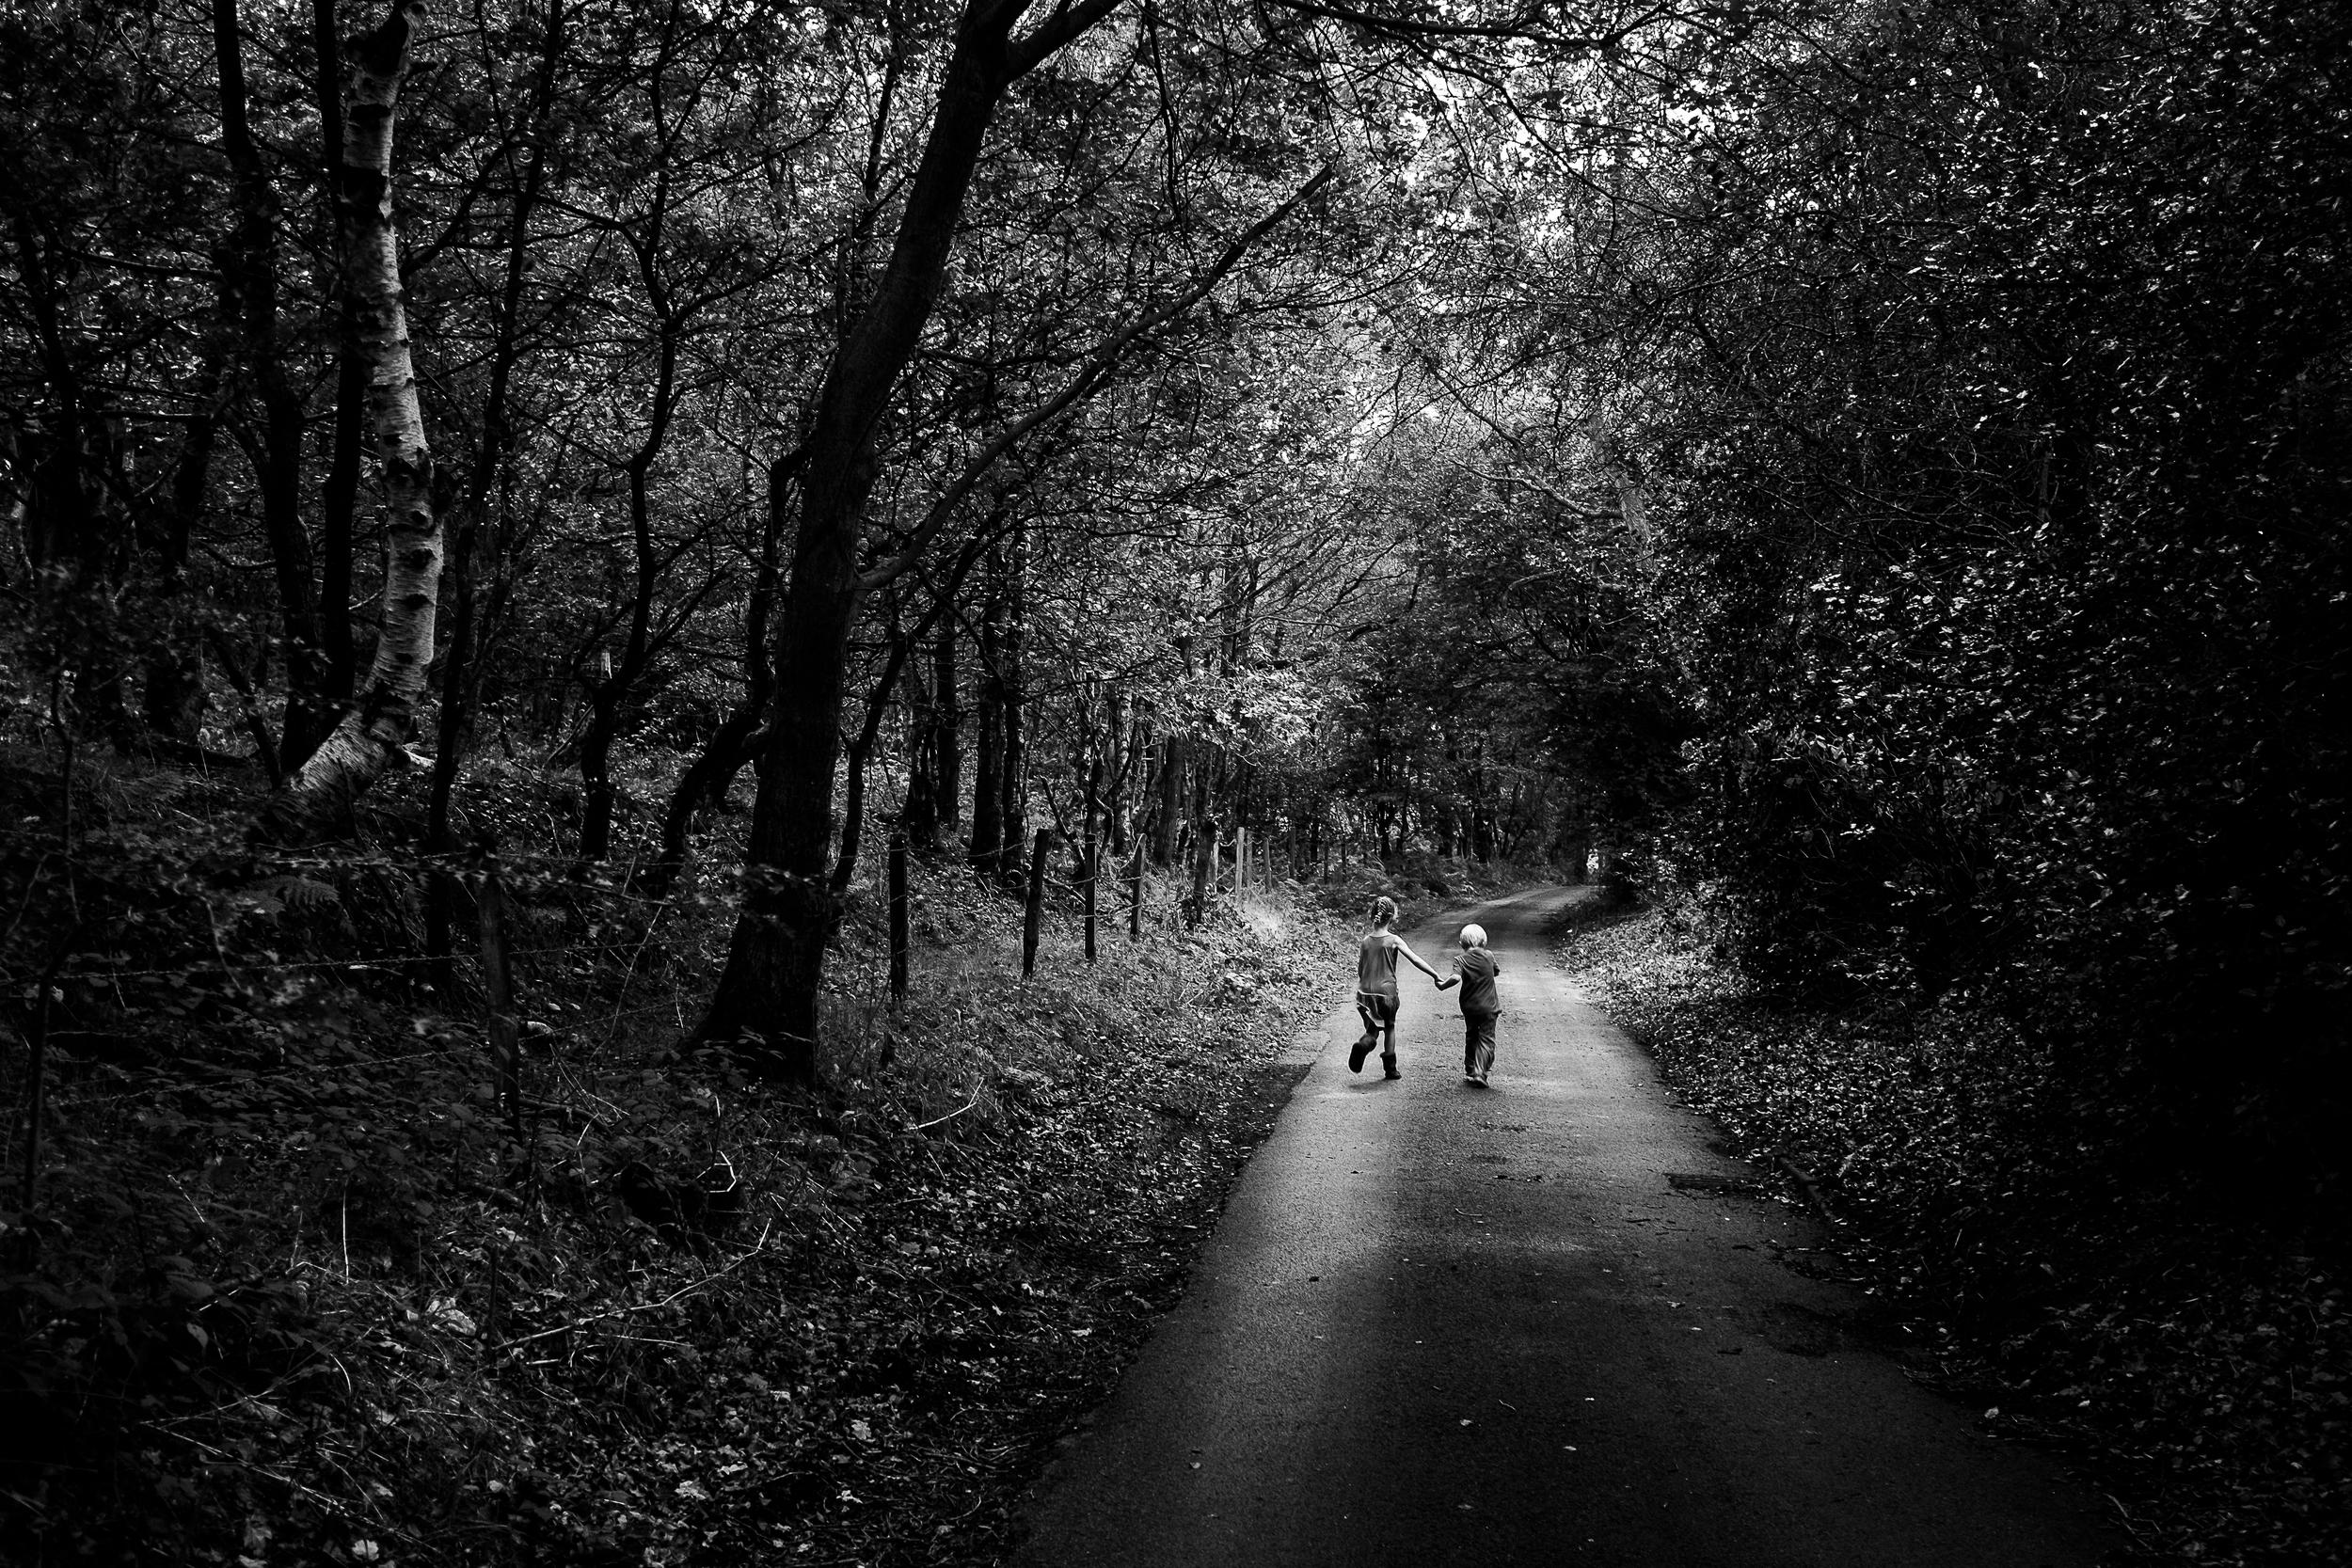 Lane  - Dilhorne, Staffordshire - September 2014